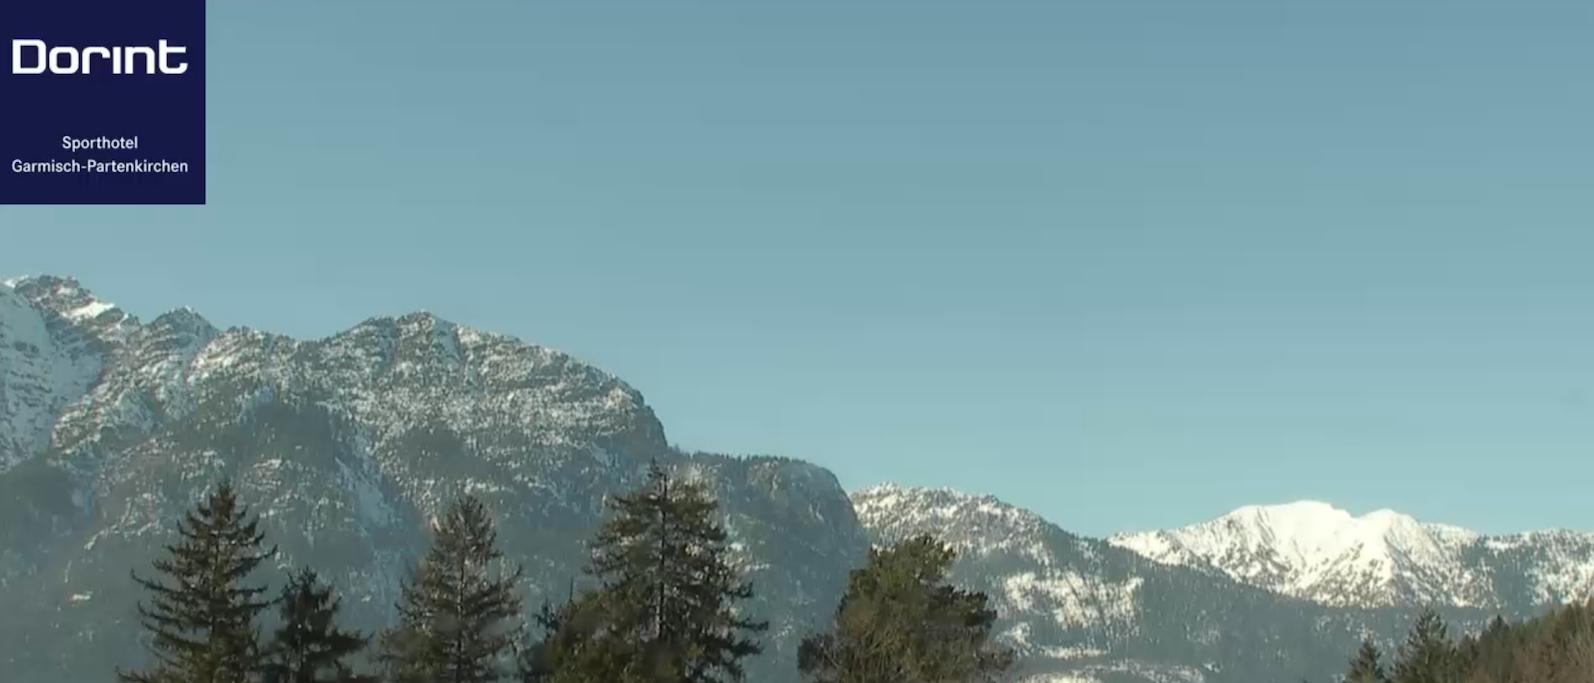 Mit dem Motorrad nach Garmisch